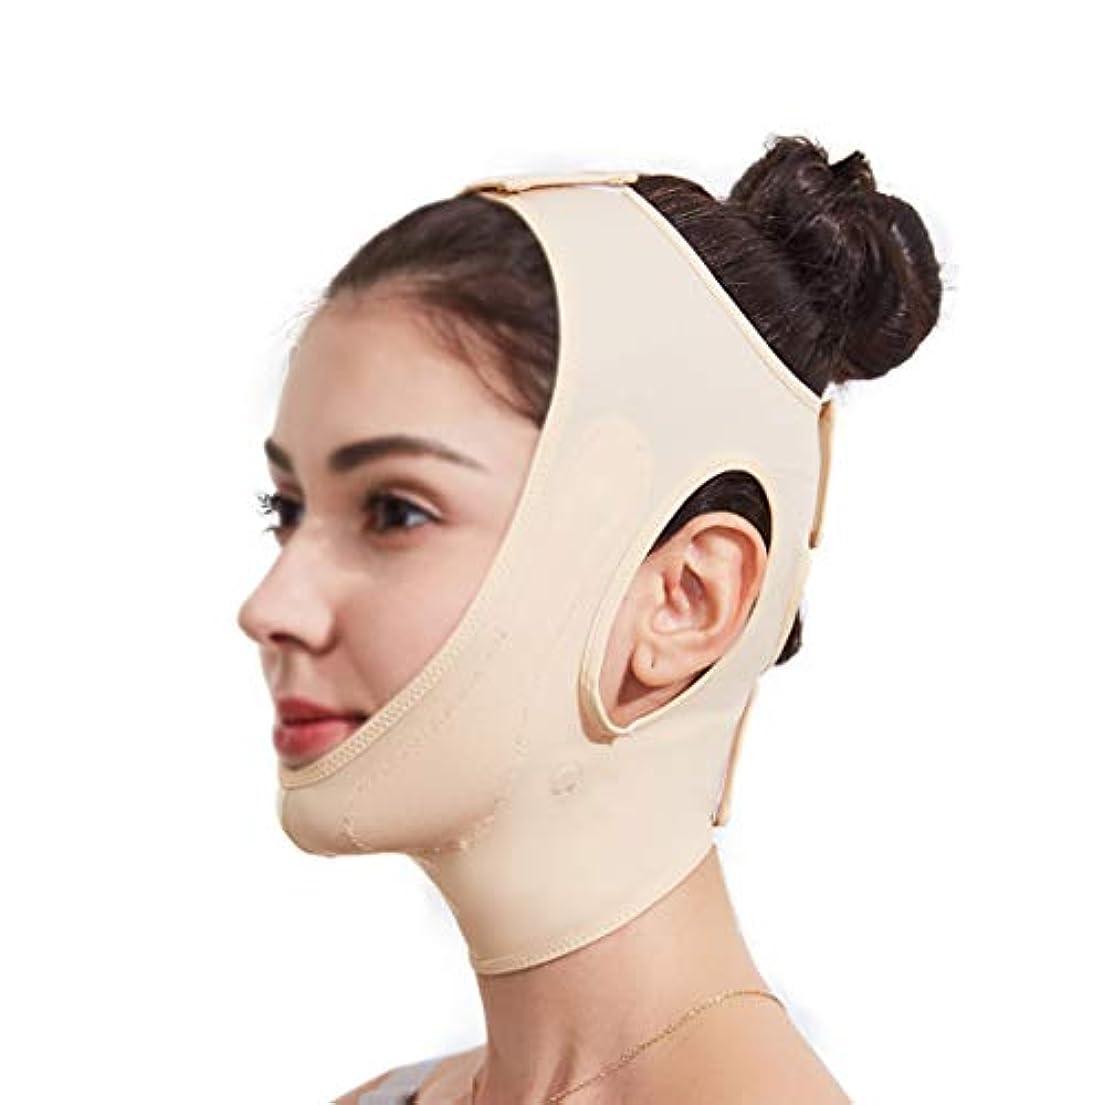 着実に小間不愉快にMLX フェイスリフティングマスク、360°オールラウンドリフティングフェイシャルコンター、あごを閉じて肌を引き締め、快適でフェイスライトと通気性をサポート (Color : Skin color)